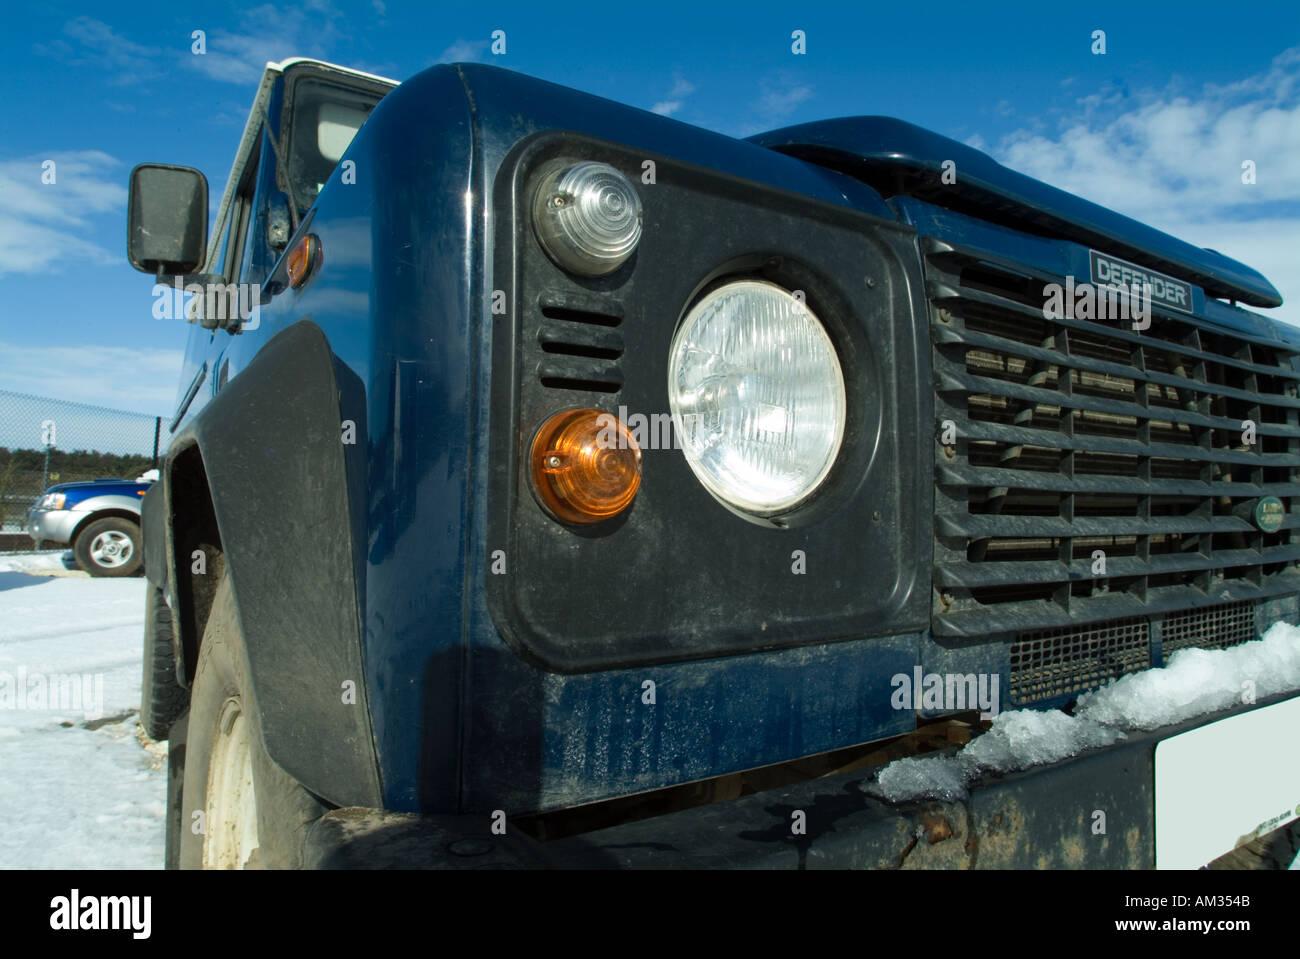 Land Rover im Schnee Auto Suv Ford motor Company Fomoco vier englische Rad Antrieb 4 x 4 4 X 4 Schnee Griff Benzin Strom gener Stockbild